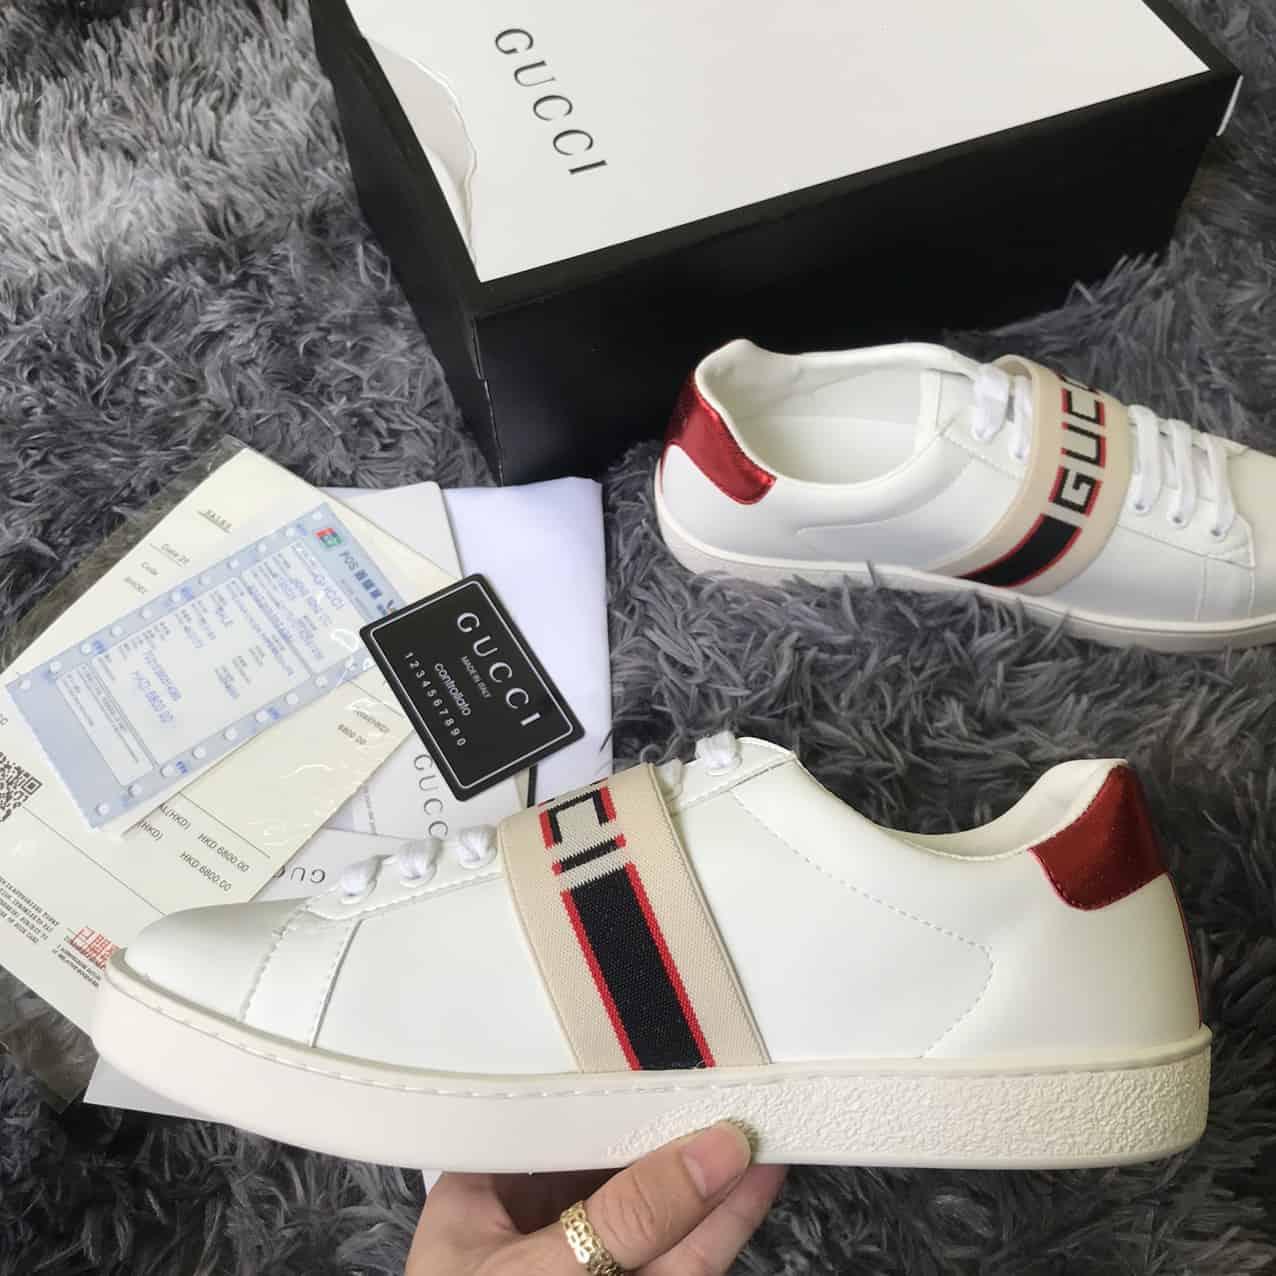 Giày Gucci Ace Striple giúp thương hiệu khẳng định dấu ấn khác biệt